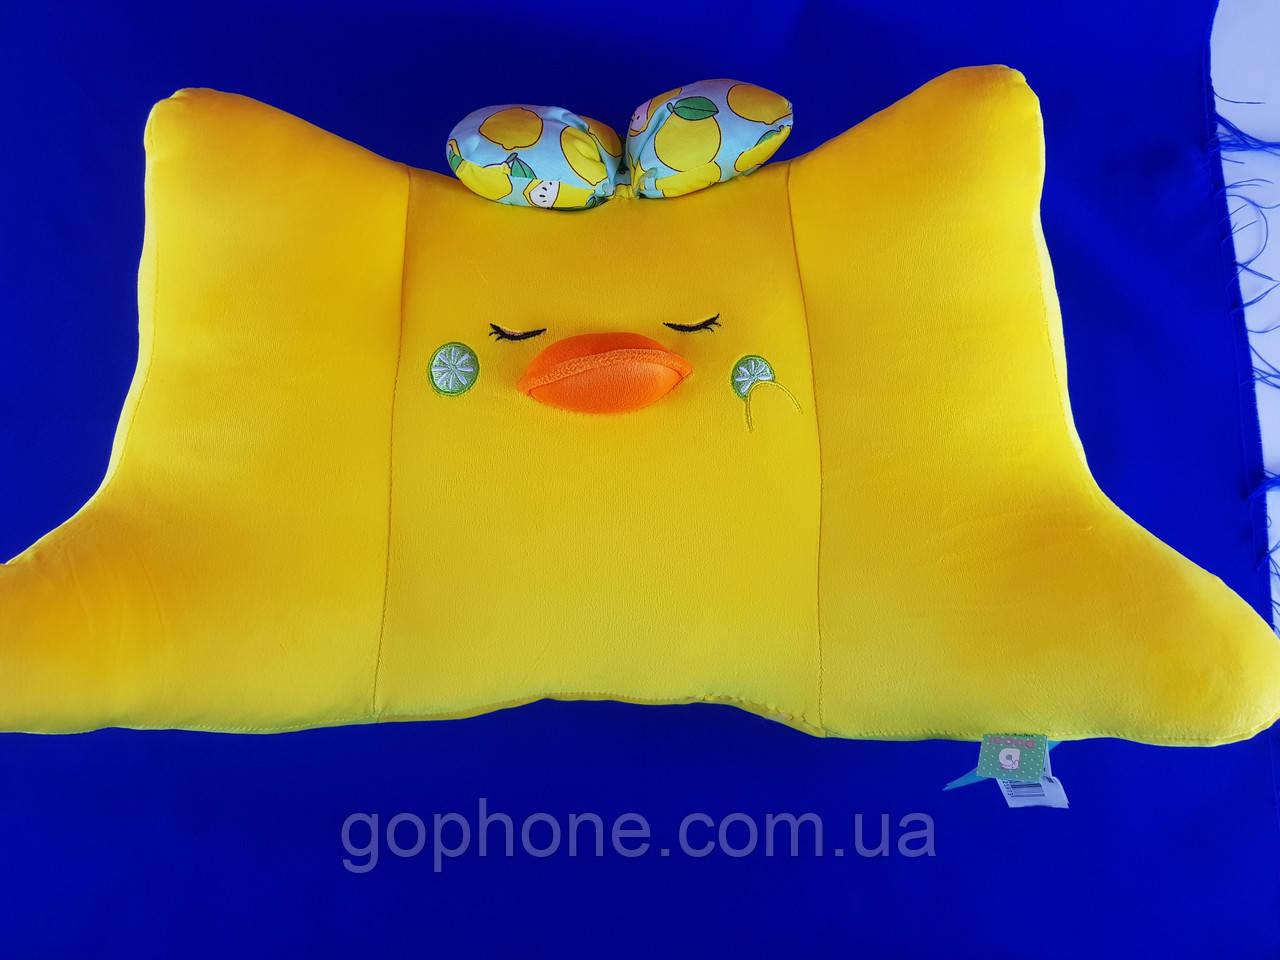 Декоративная подушка в форме уточки для сна и путешествий